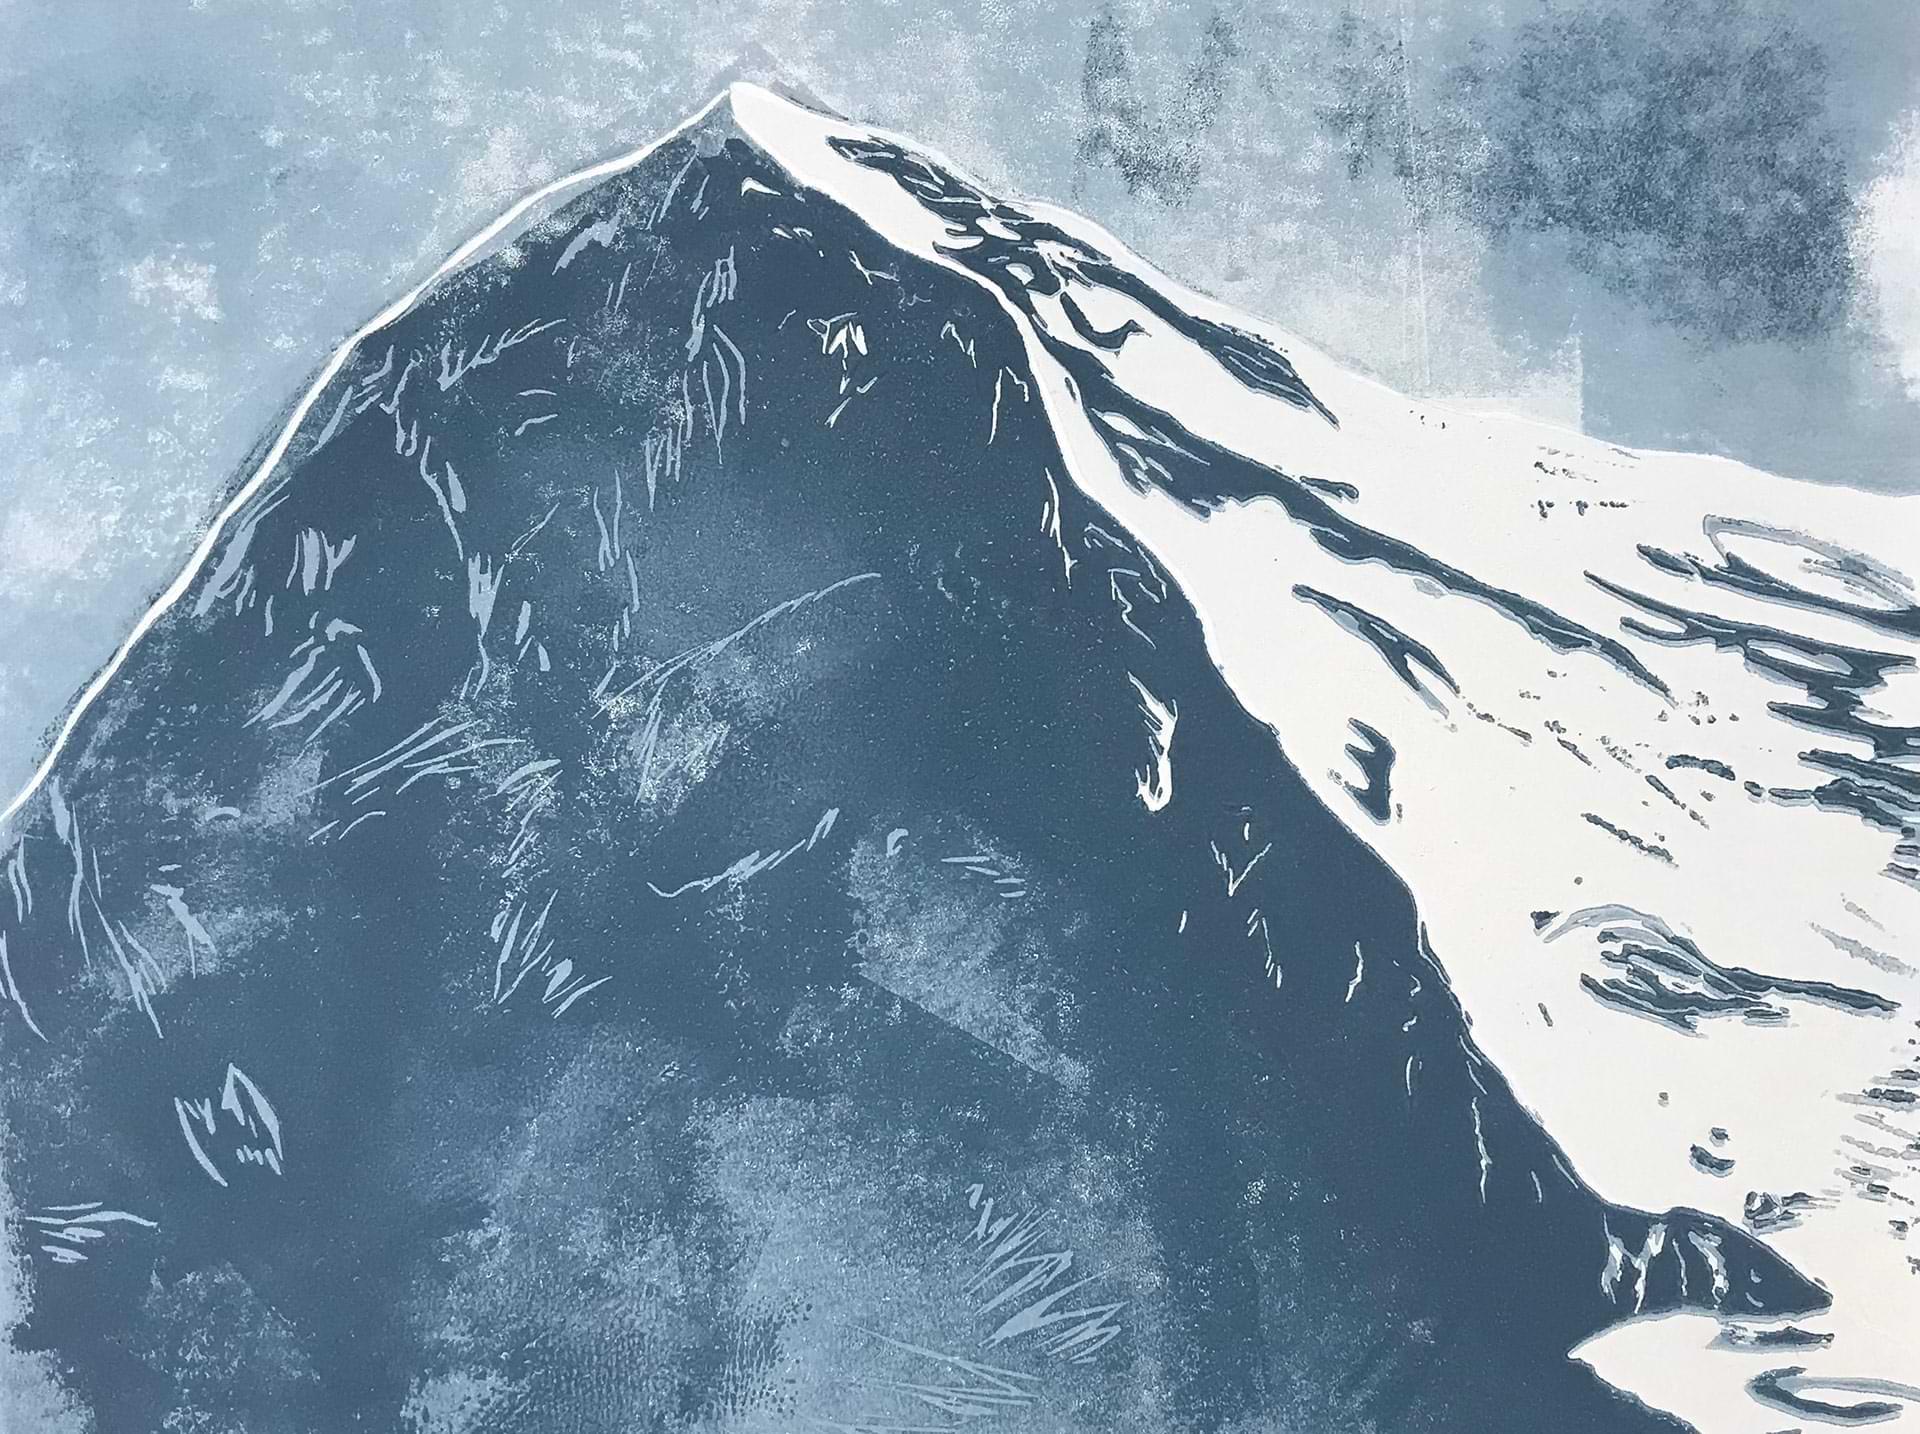 christianehaag-eigermemories-klosterkirchepfullingen-2016eigernordwand-direttissima-zeichnung-drawing-kunst-art-berge-mountains-alpen-linoldruck-linoprint